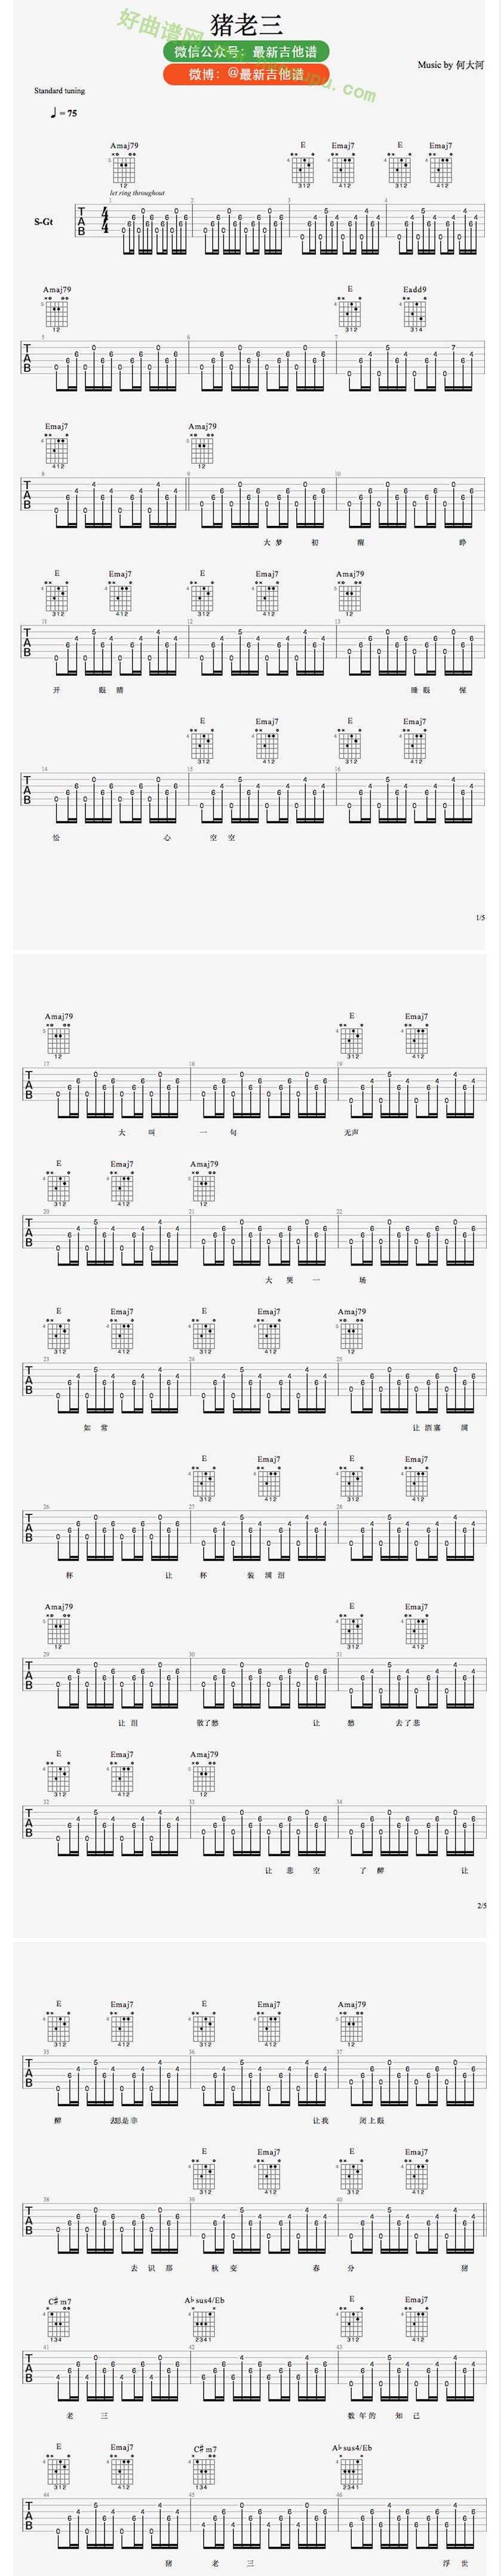 《猪老三》(何大河演唱) 吉他谱第1张